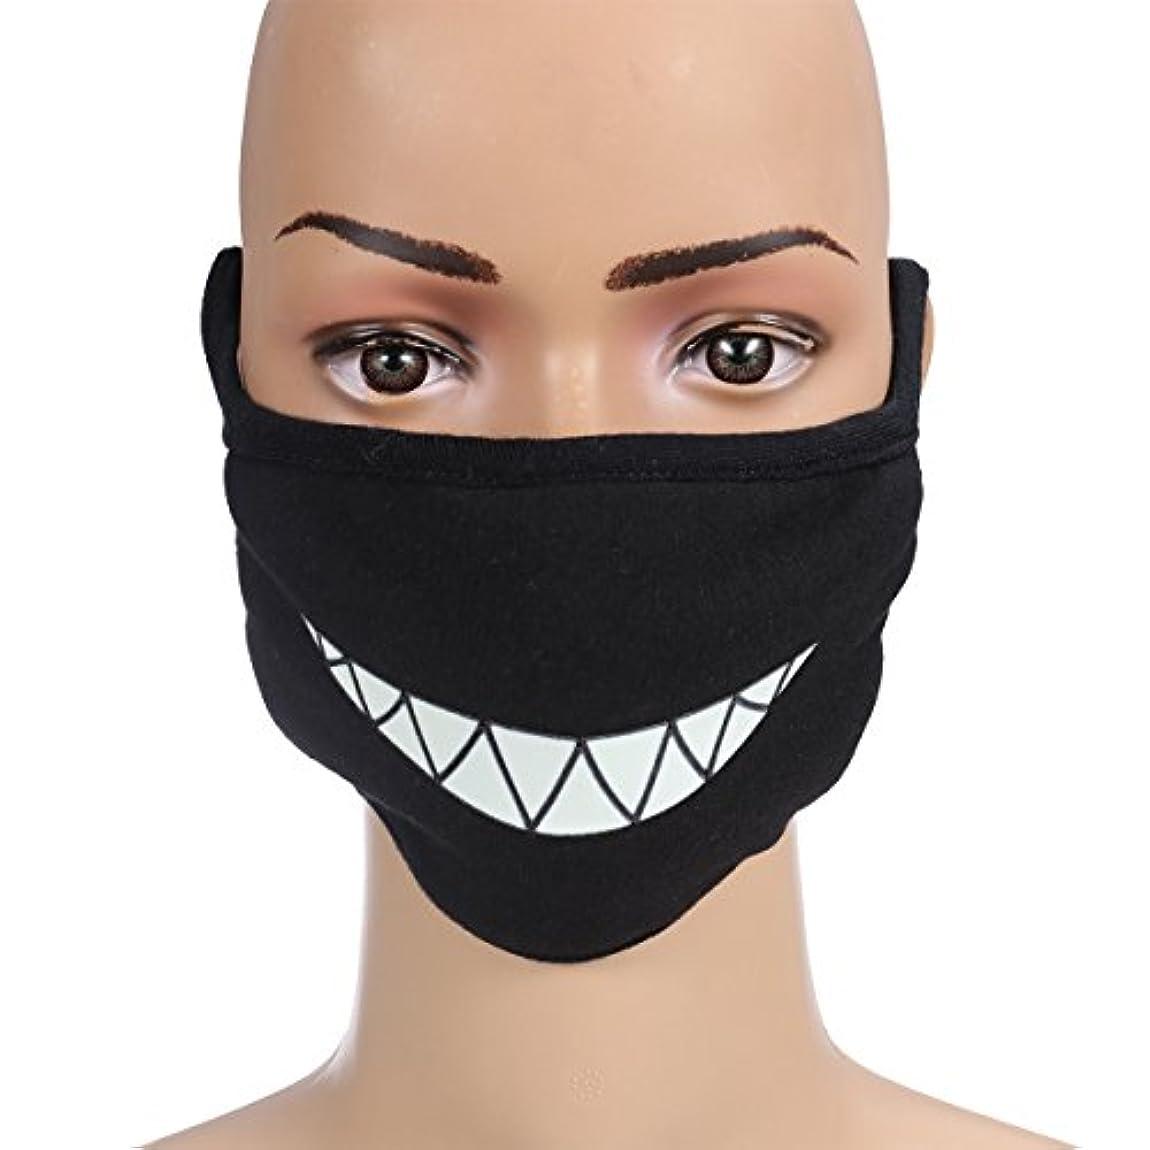 厳密に変換する失望Toyvian ハロウィンコスプレ用防塵口マスク綿の歯発光口マスク